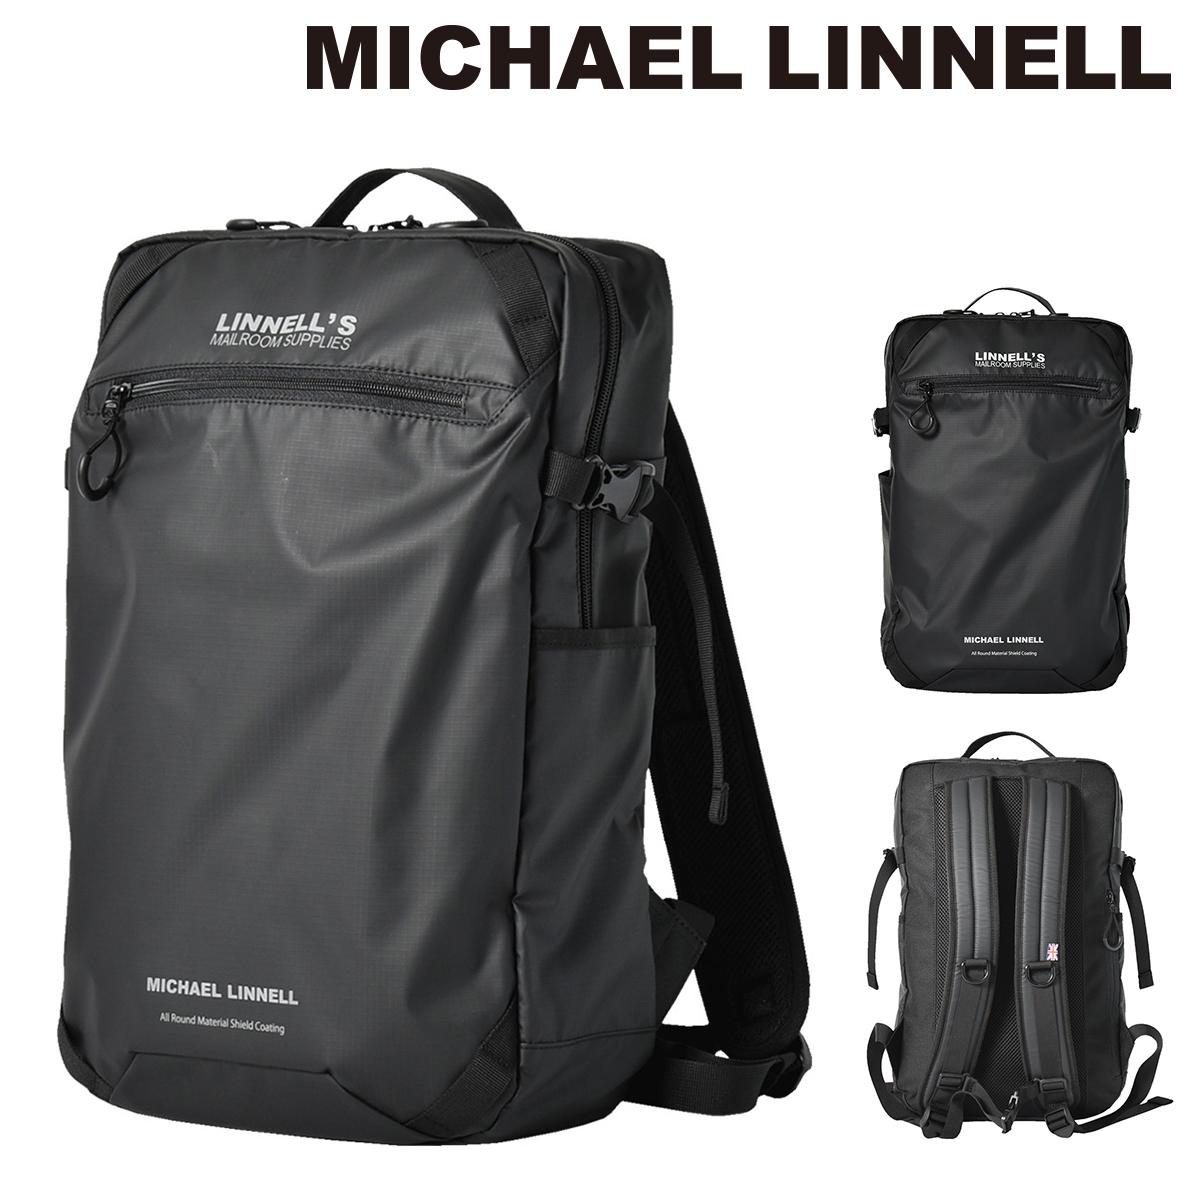 マイケルリンネル リュック スクールバッグ 24L メンズ MLAC-07 MICHAEL LINNELL | リュックサック バックパック スクエア ナイロン[bef][PO10]